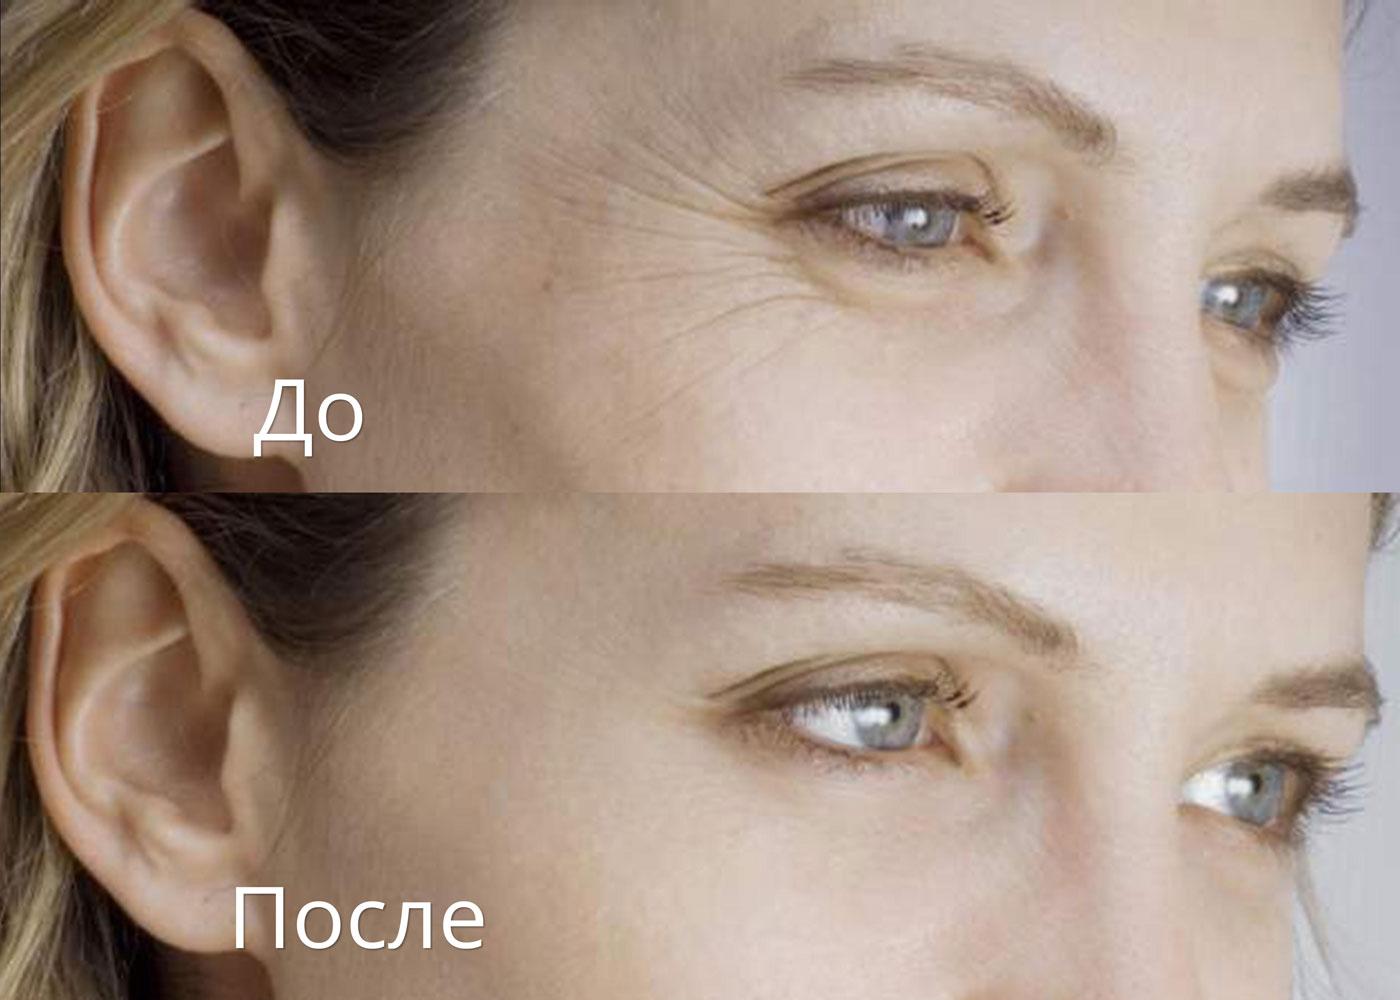 какой препарат эффективнее для похудения